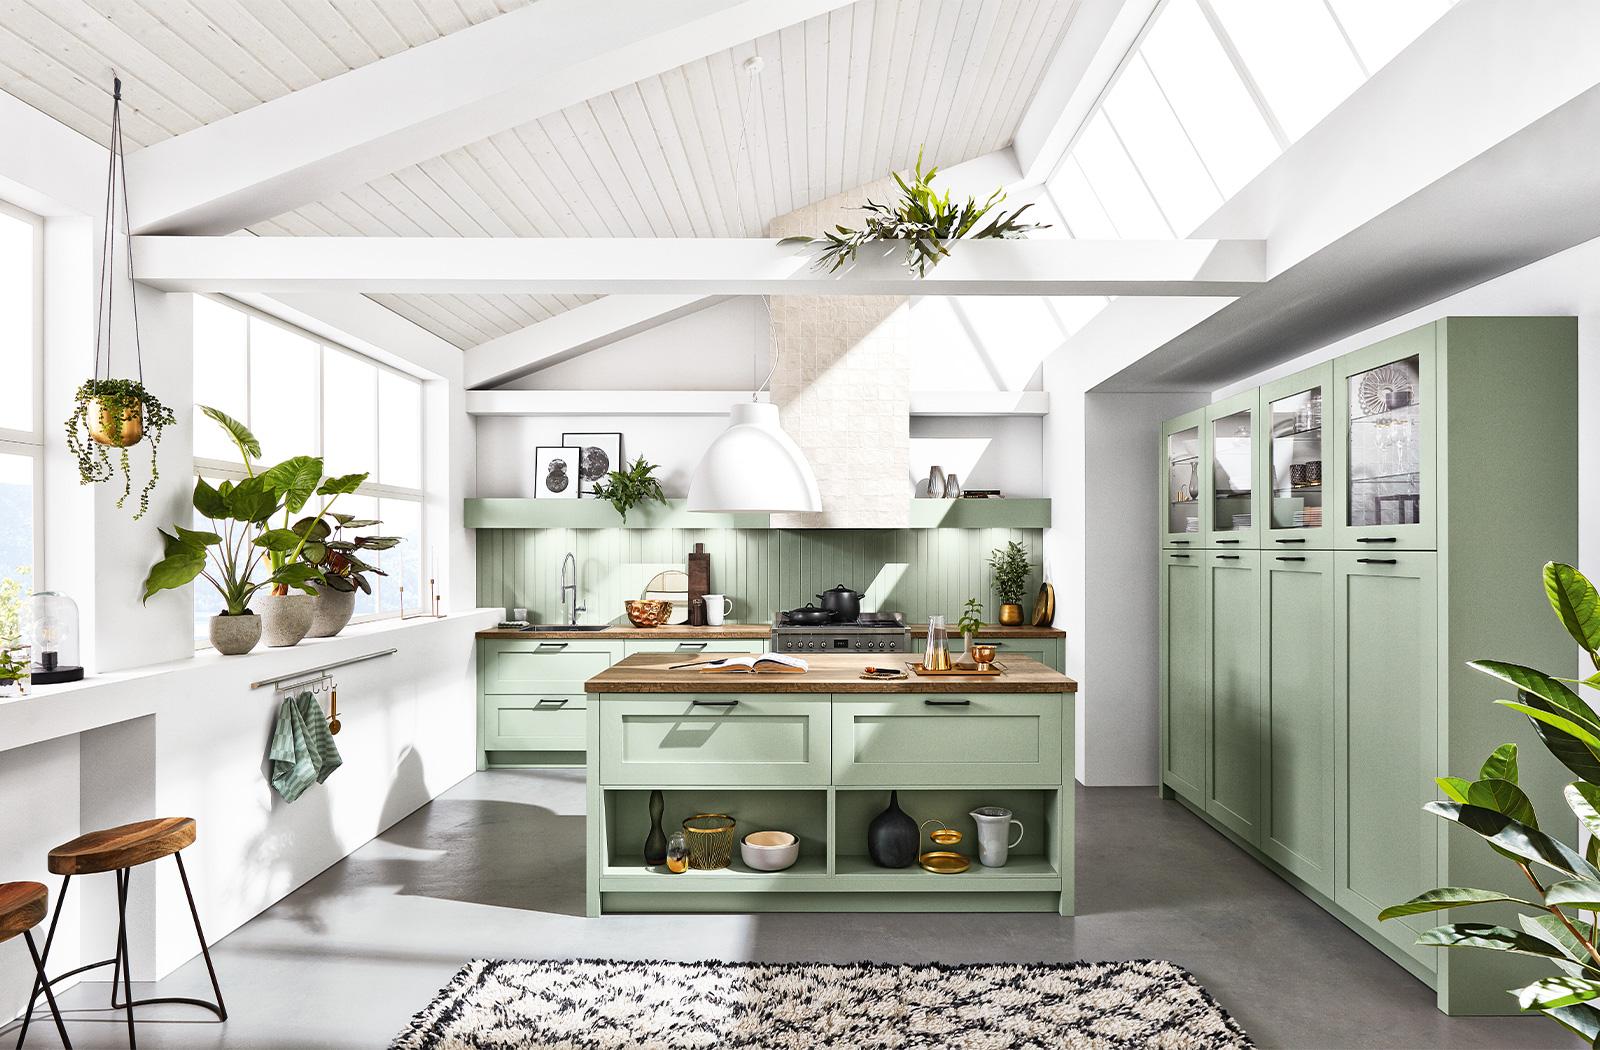 Full Size of Kche Wandfarbe Grn Mintgrn Streichen Ikea Landhausstil Küche Holz Weiß Möbelgriffe Was Kostet Eine Hängeschrank Glastüren Buche Eckschrank Singleküche Wohnzimmer Ikea Küche Mint